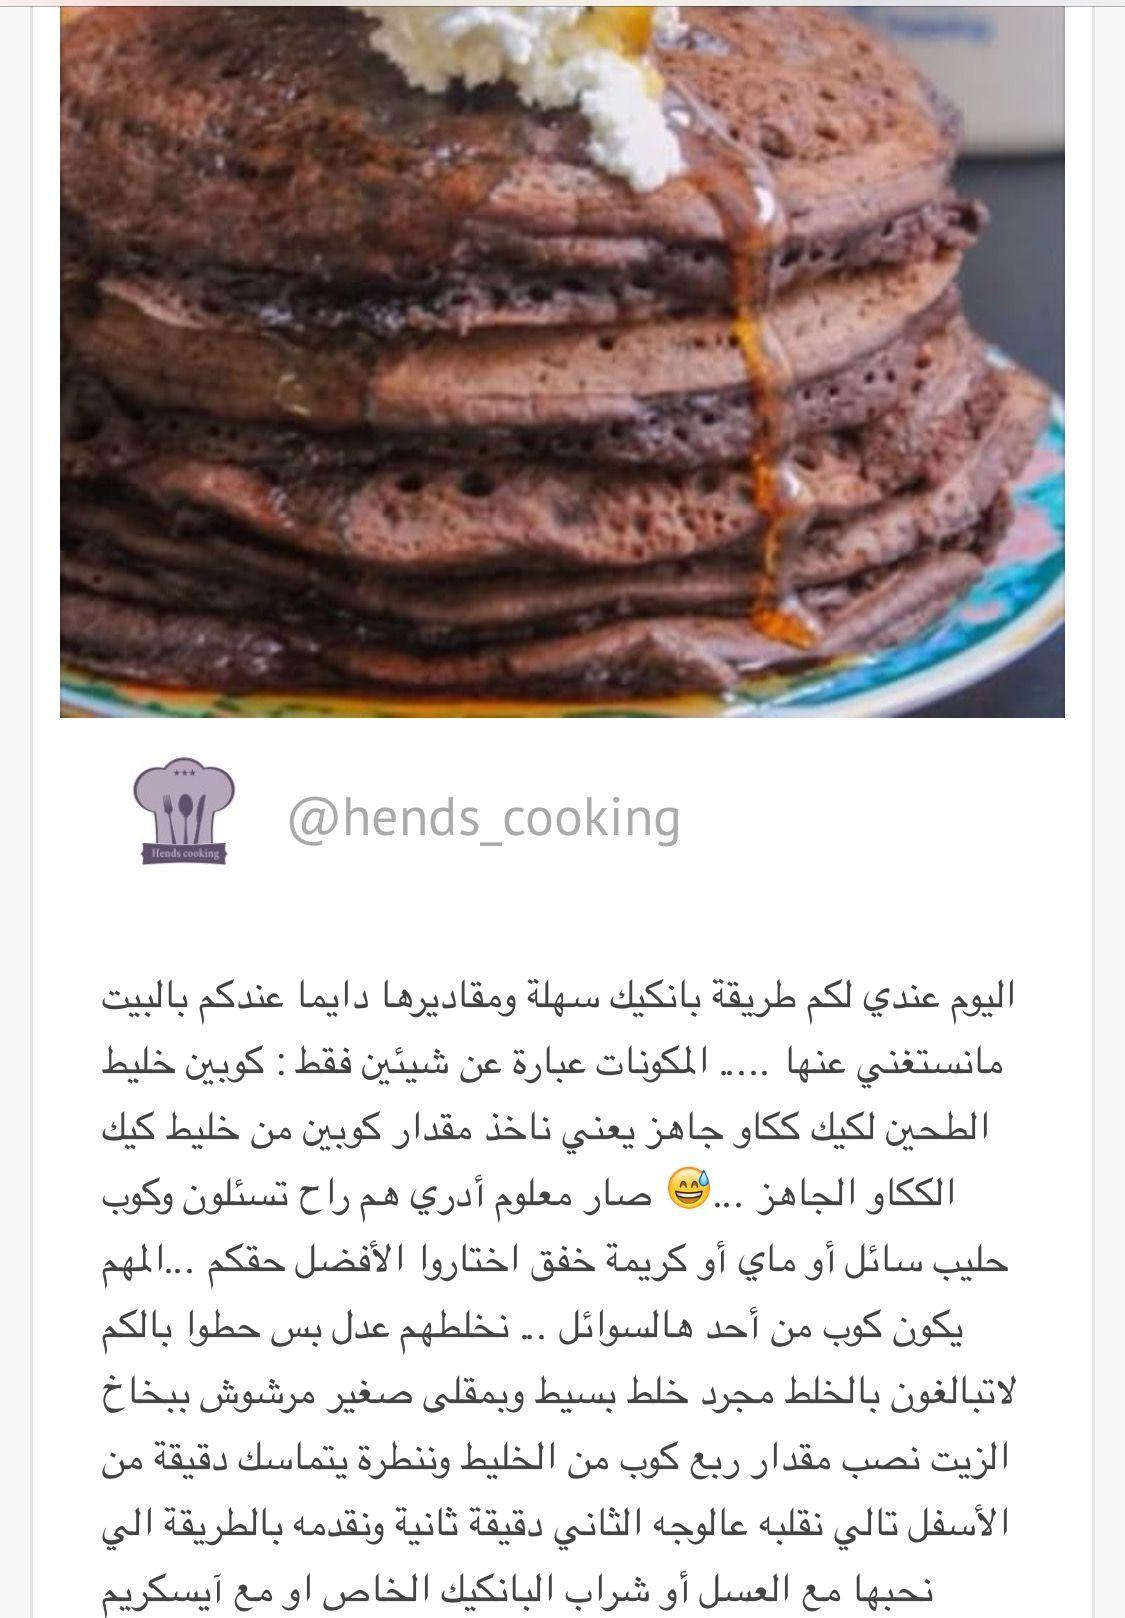 بان كيك بخليط الكيك الجاهز Recipes Food Cooking